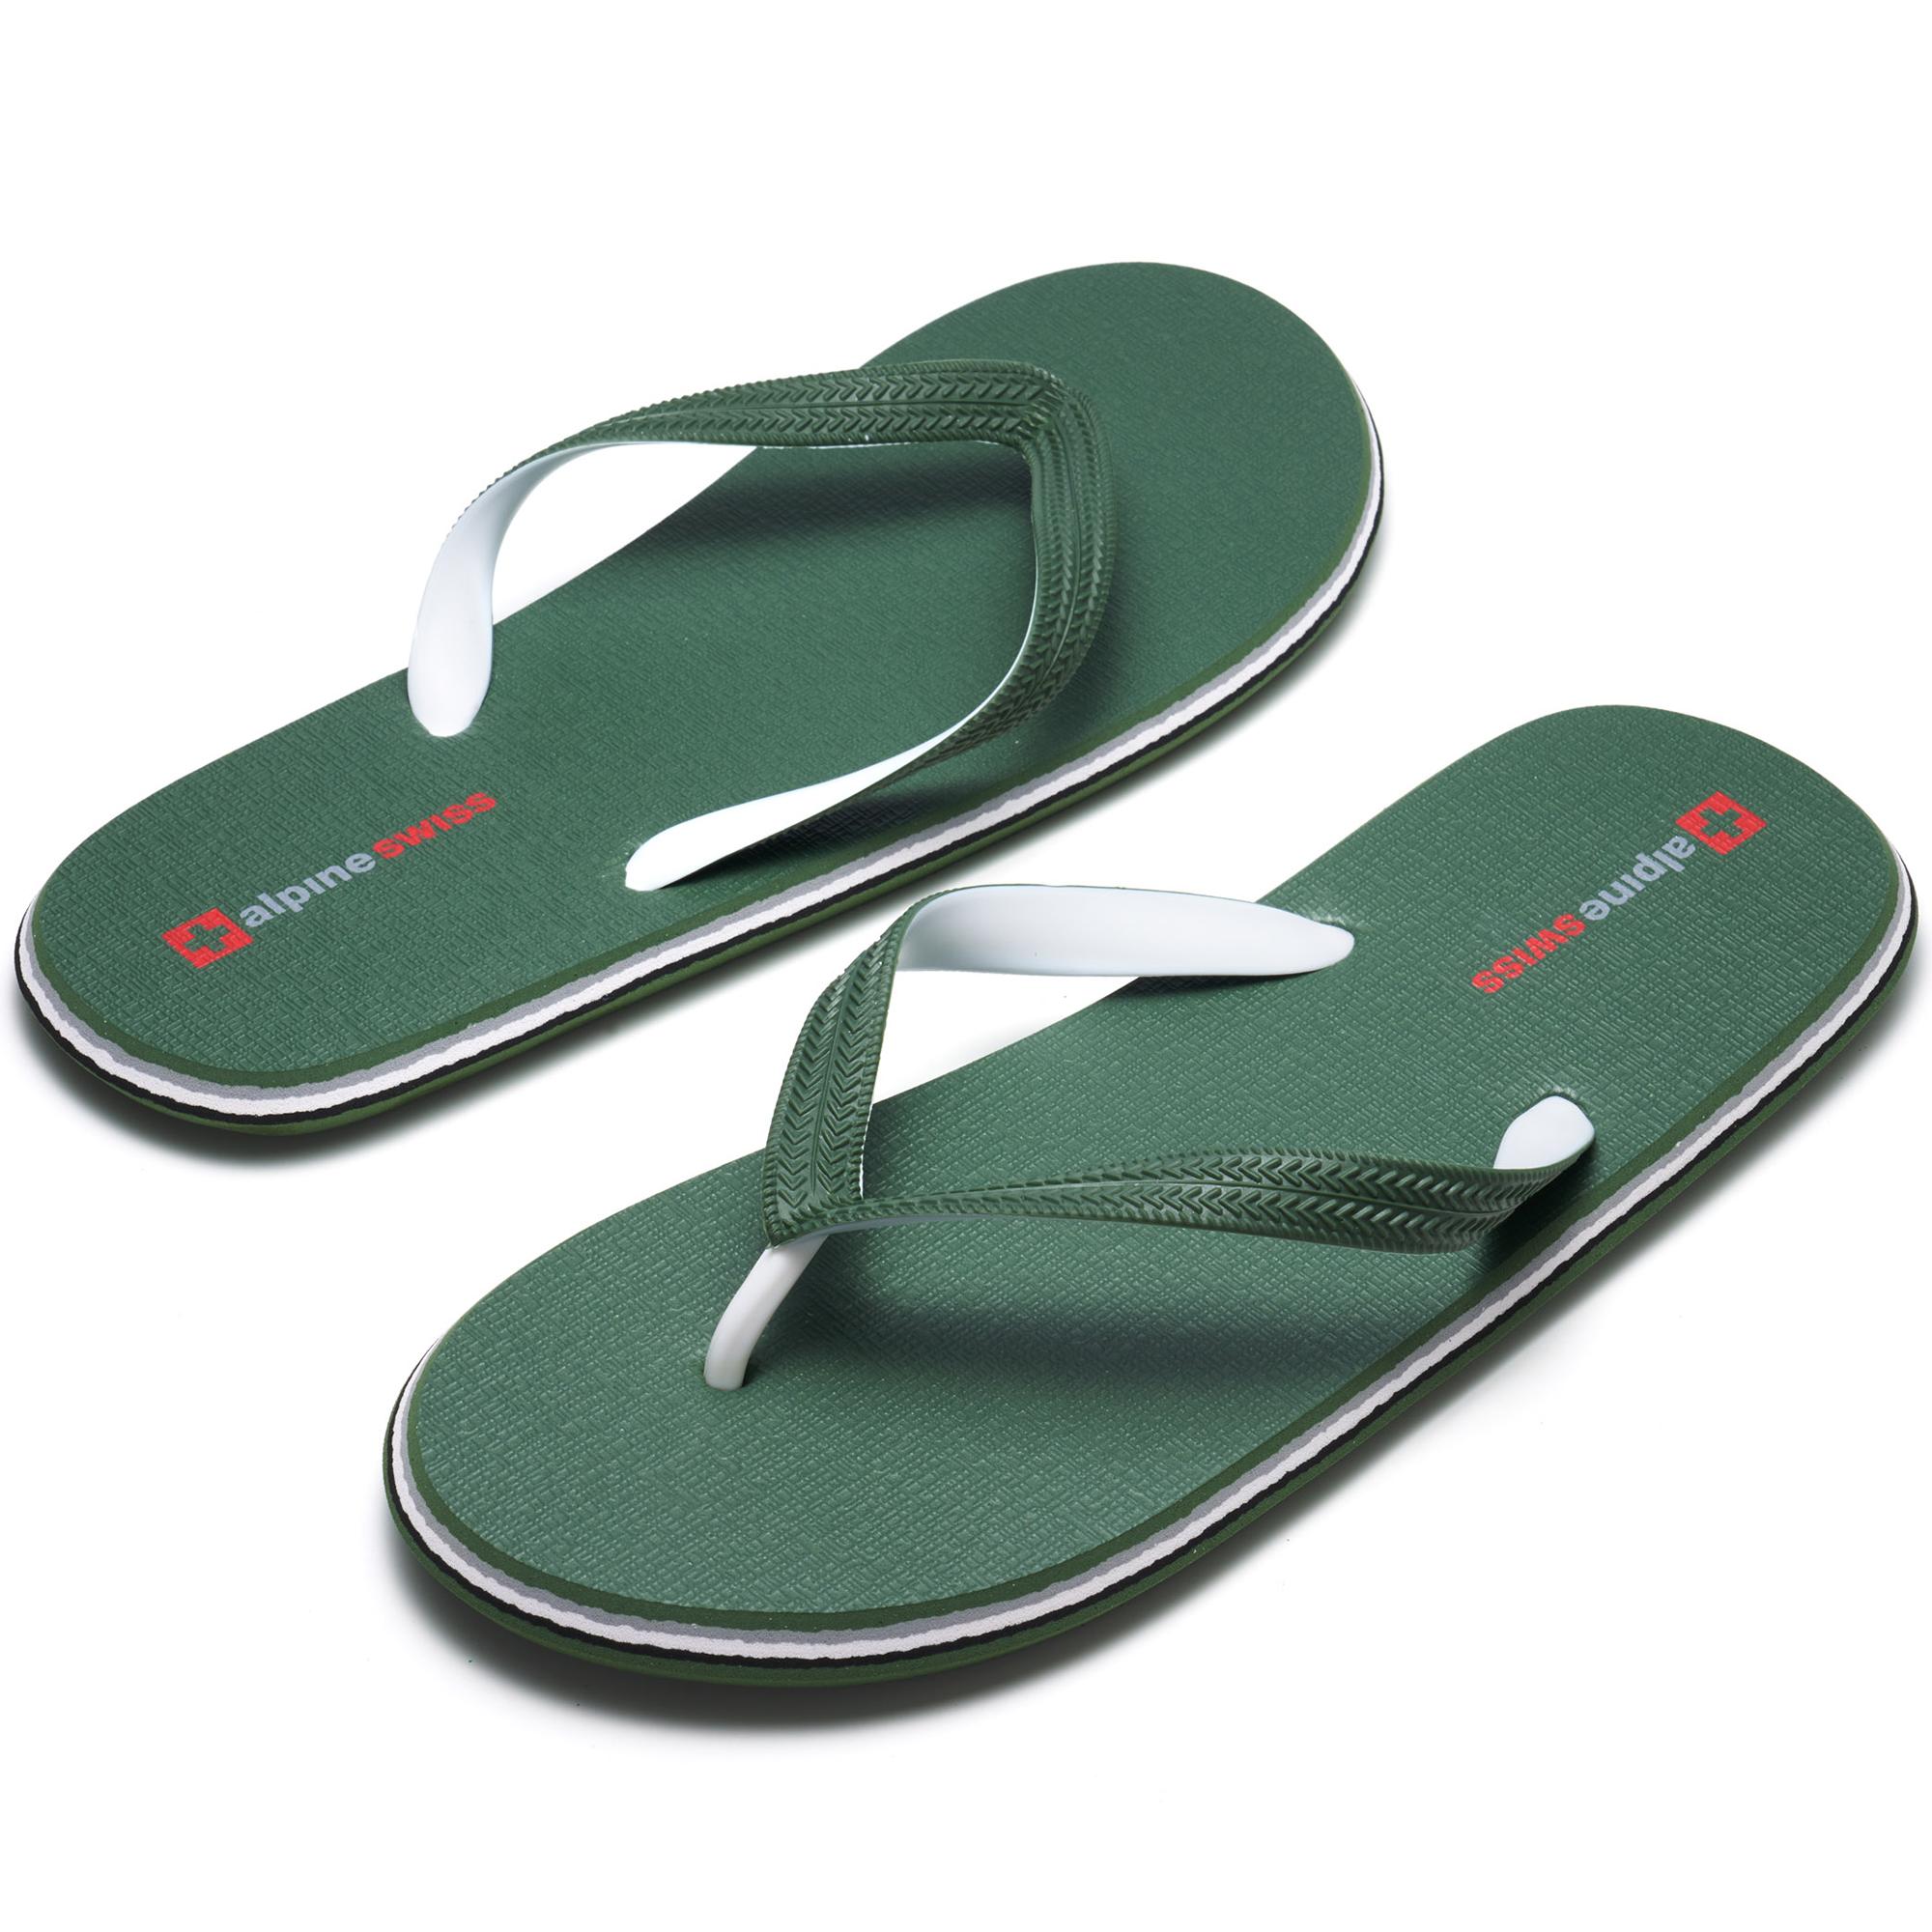 Alpine-Swiss-Mens-Flip-Flops-Beach-Sandals-Lightweight-EVA-Sole-Comfort-Thongs thumbnail 30